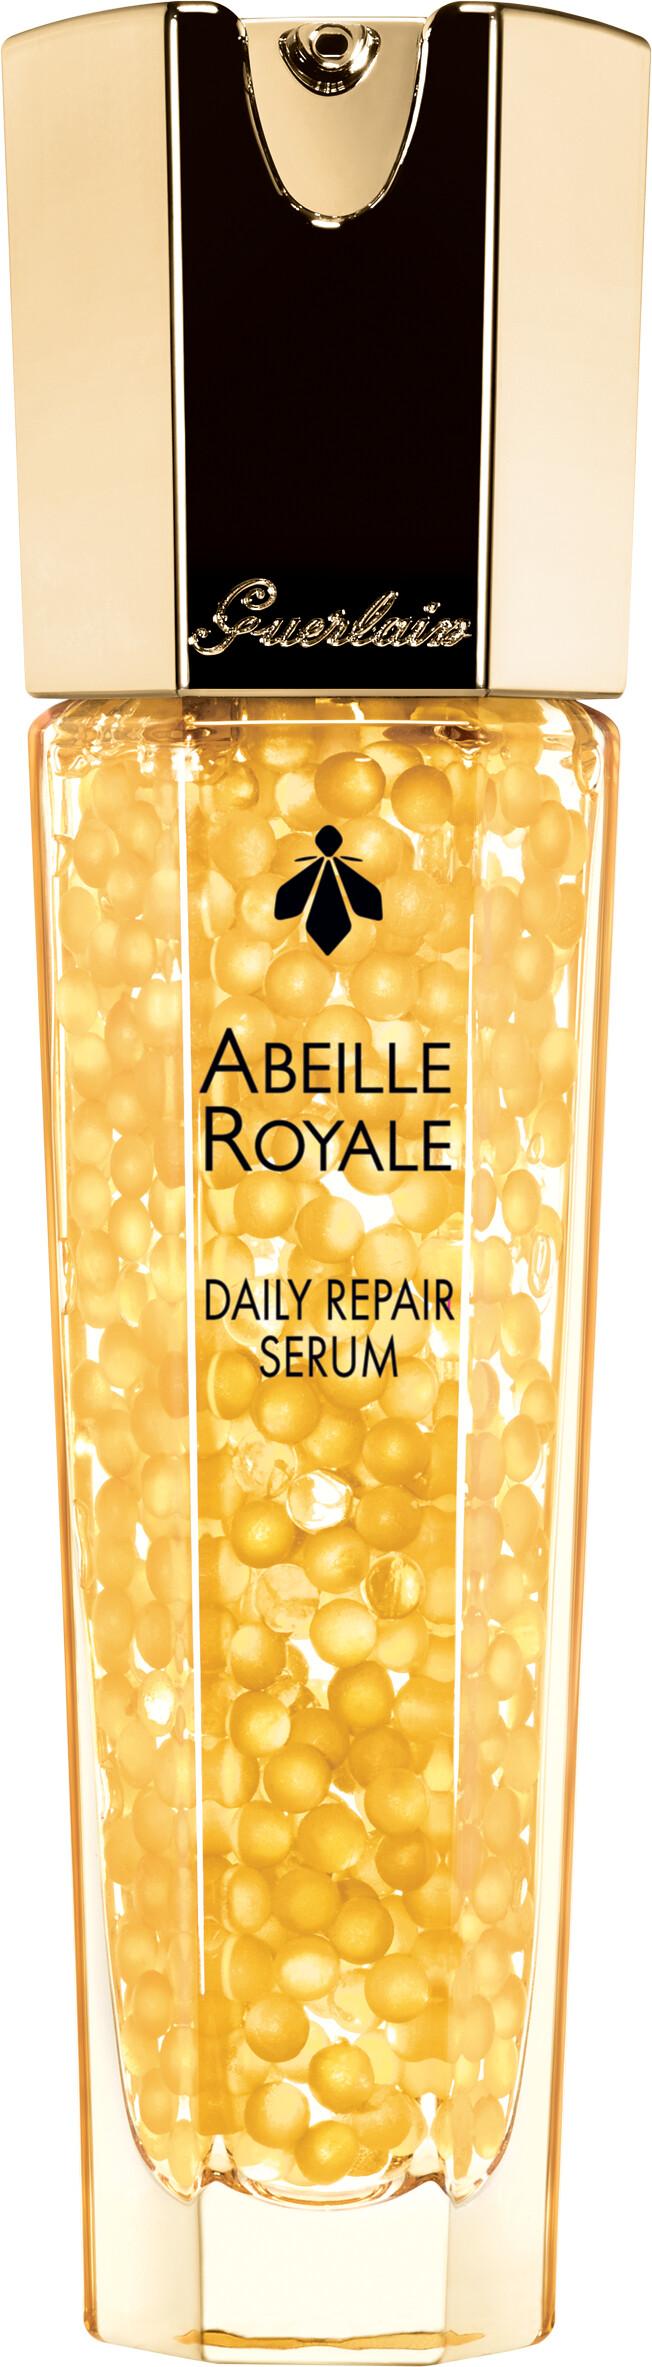 ผลการค้นหารูปà¸�าพสำหรับ guerlain abeille royale daily repair serum